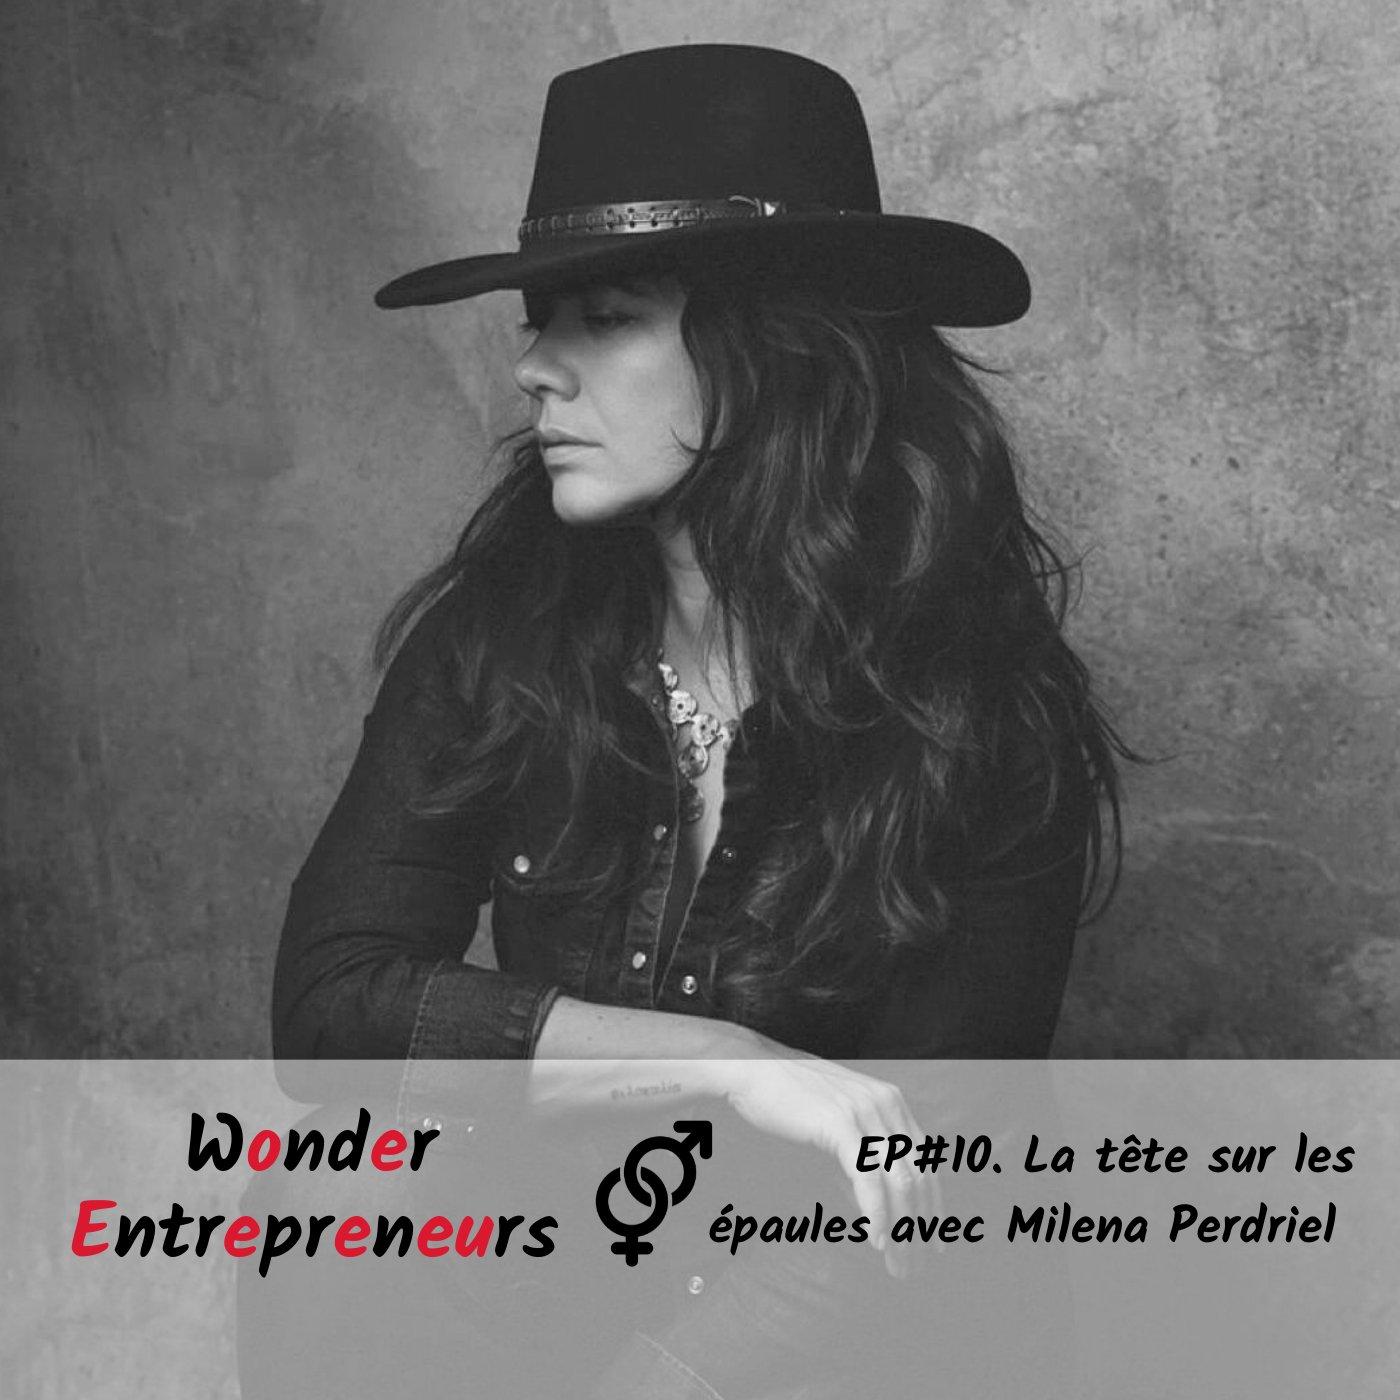 Episode 10 Wonder Entrepreneurs La tête sur les épaules avec Milena Perdriel et Nadege Vialle